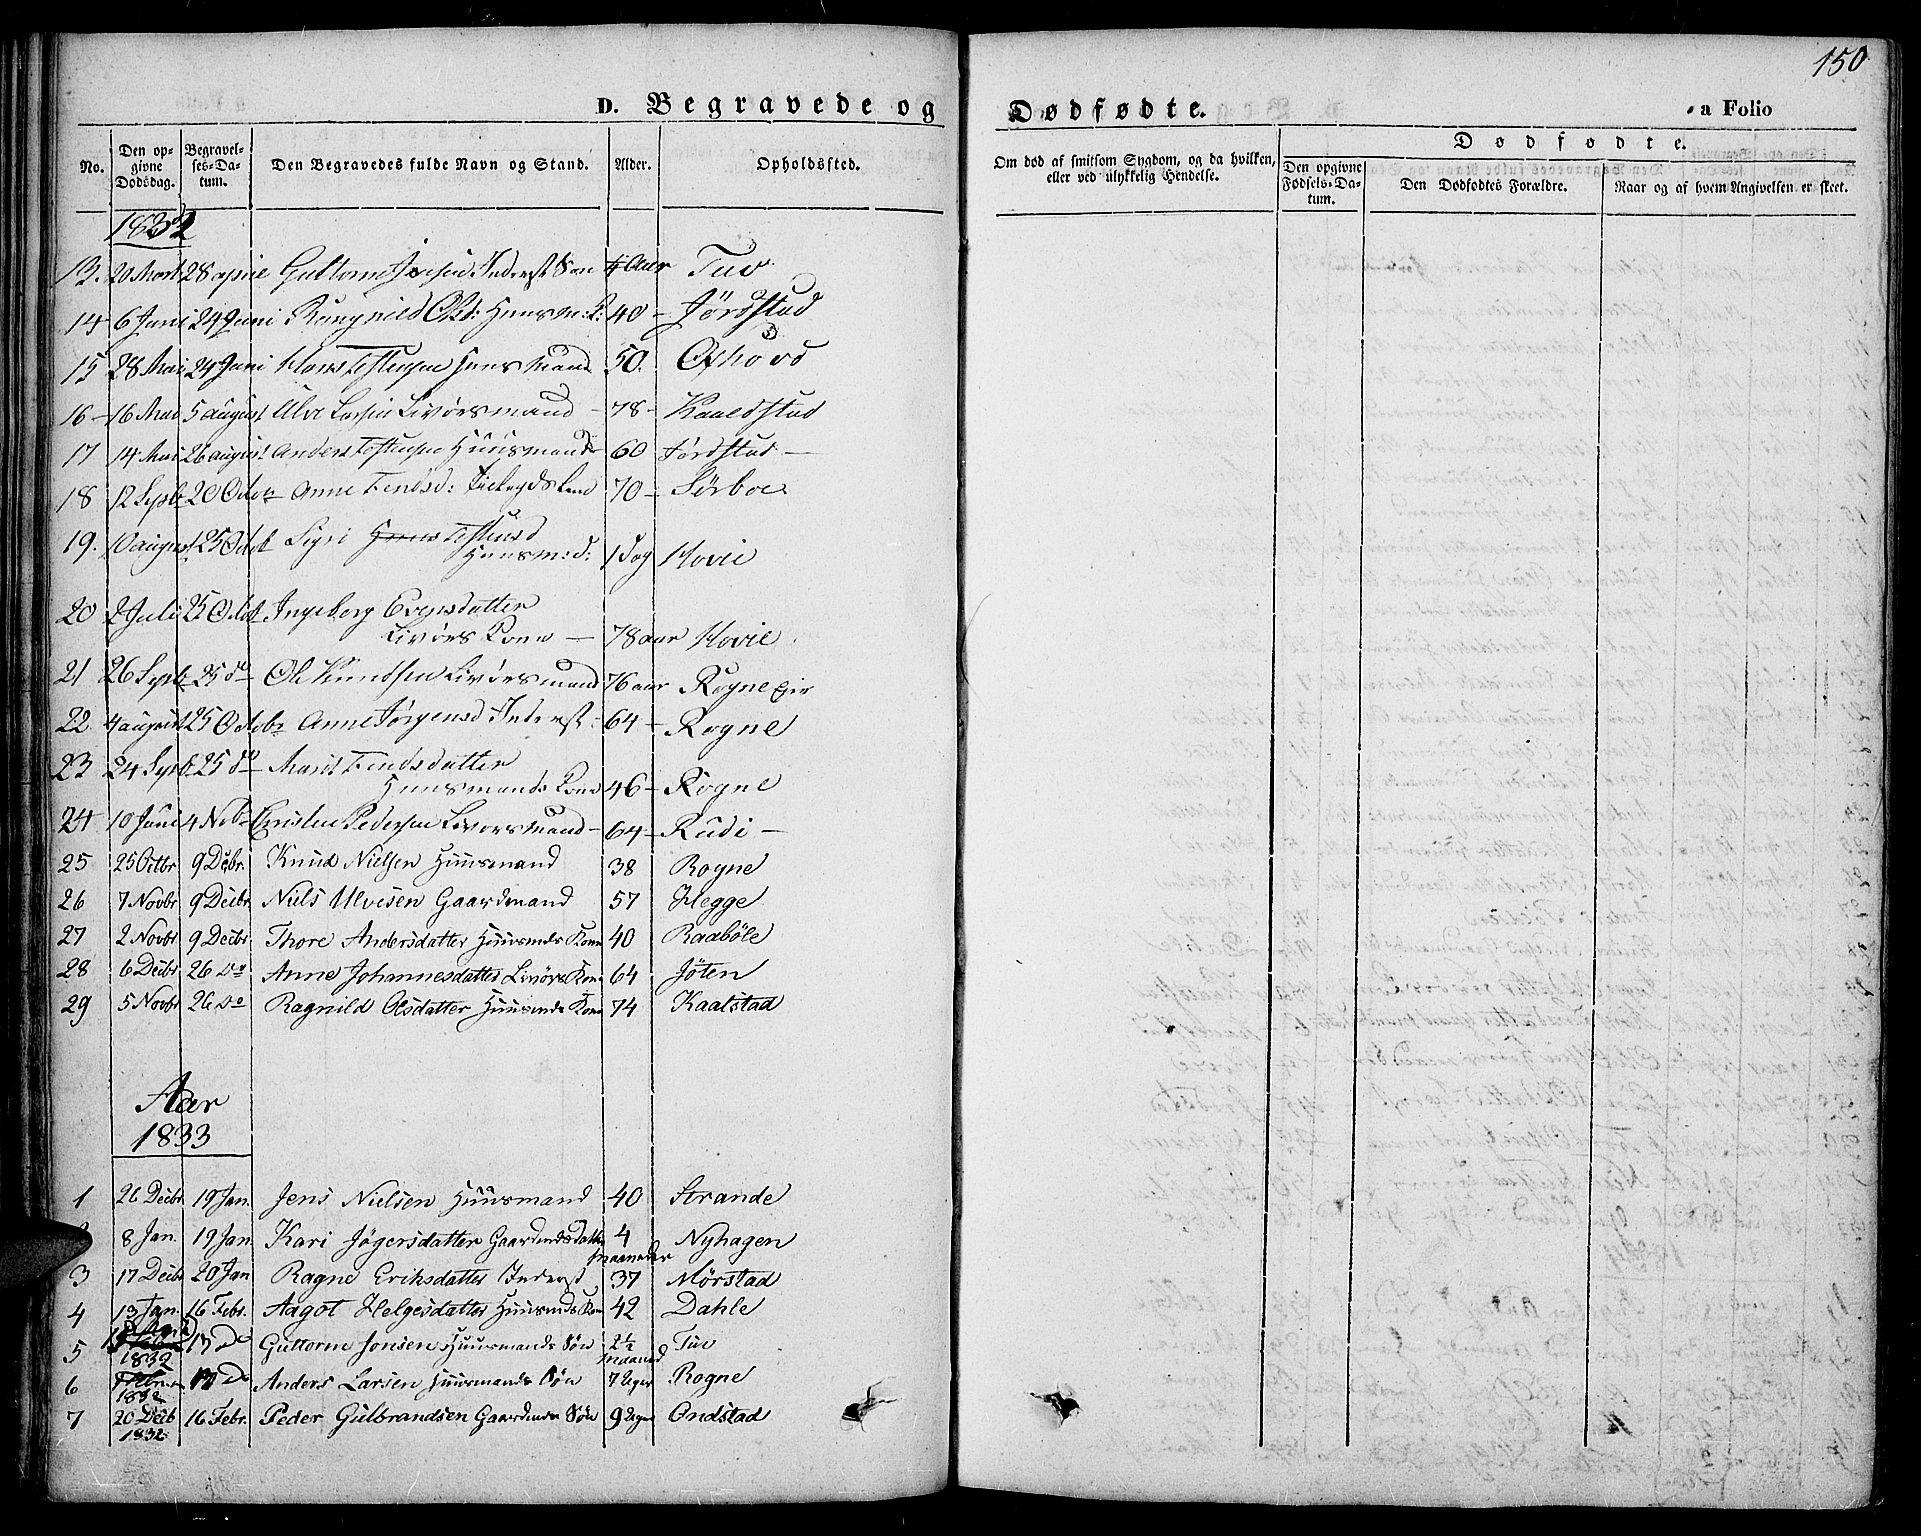 SAH, Slidre prestekontor, Ministerialbok nr. 4, 1831-1848, s. 150